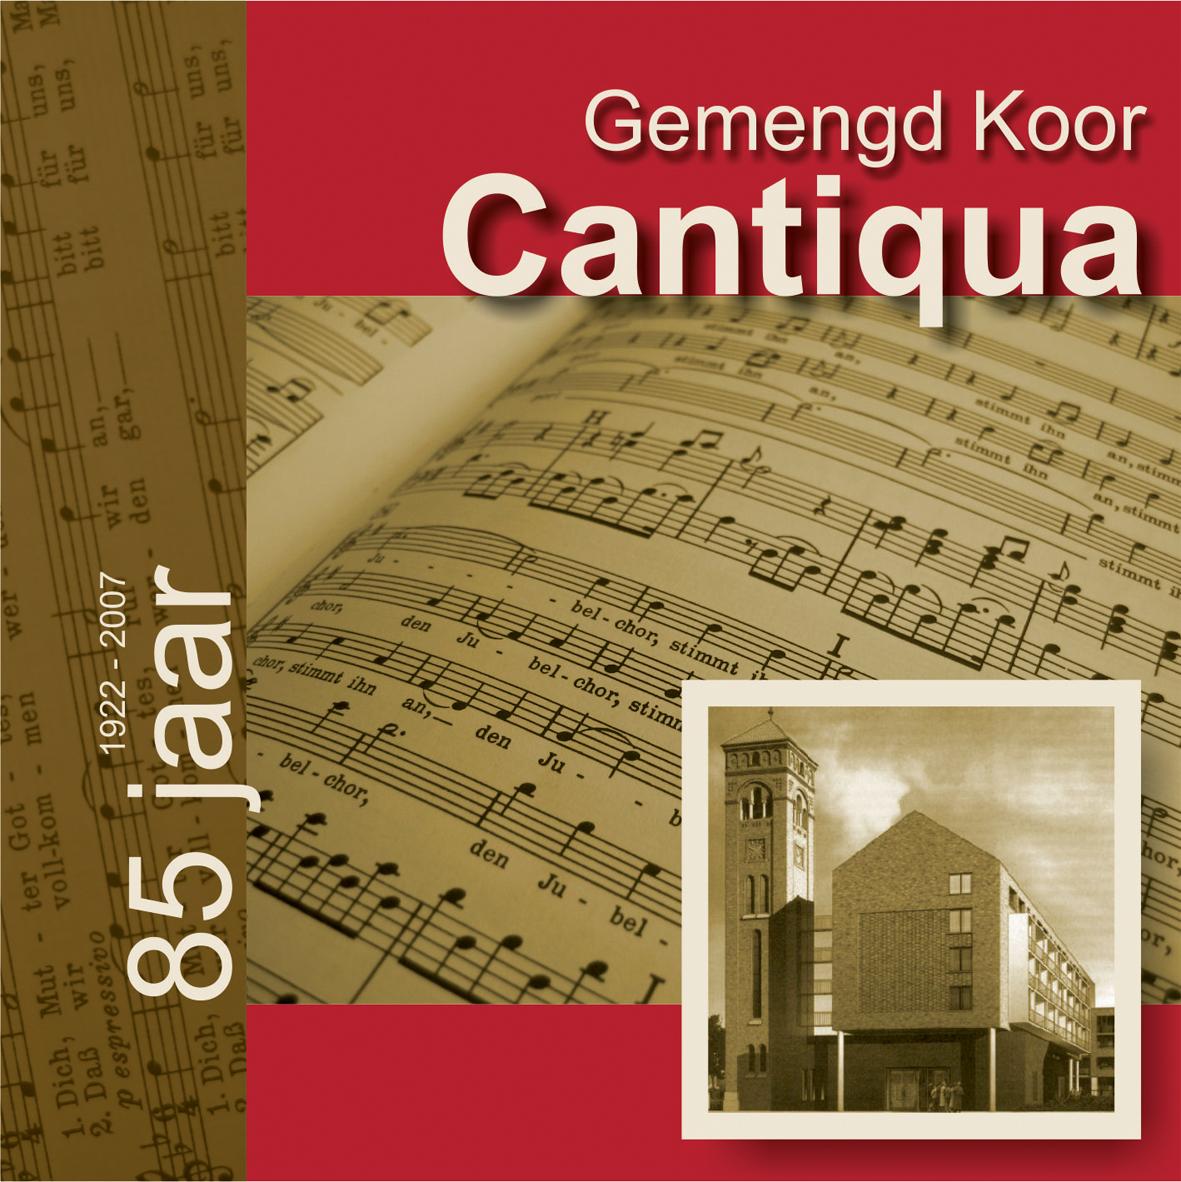 CD opgenomen